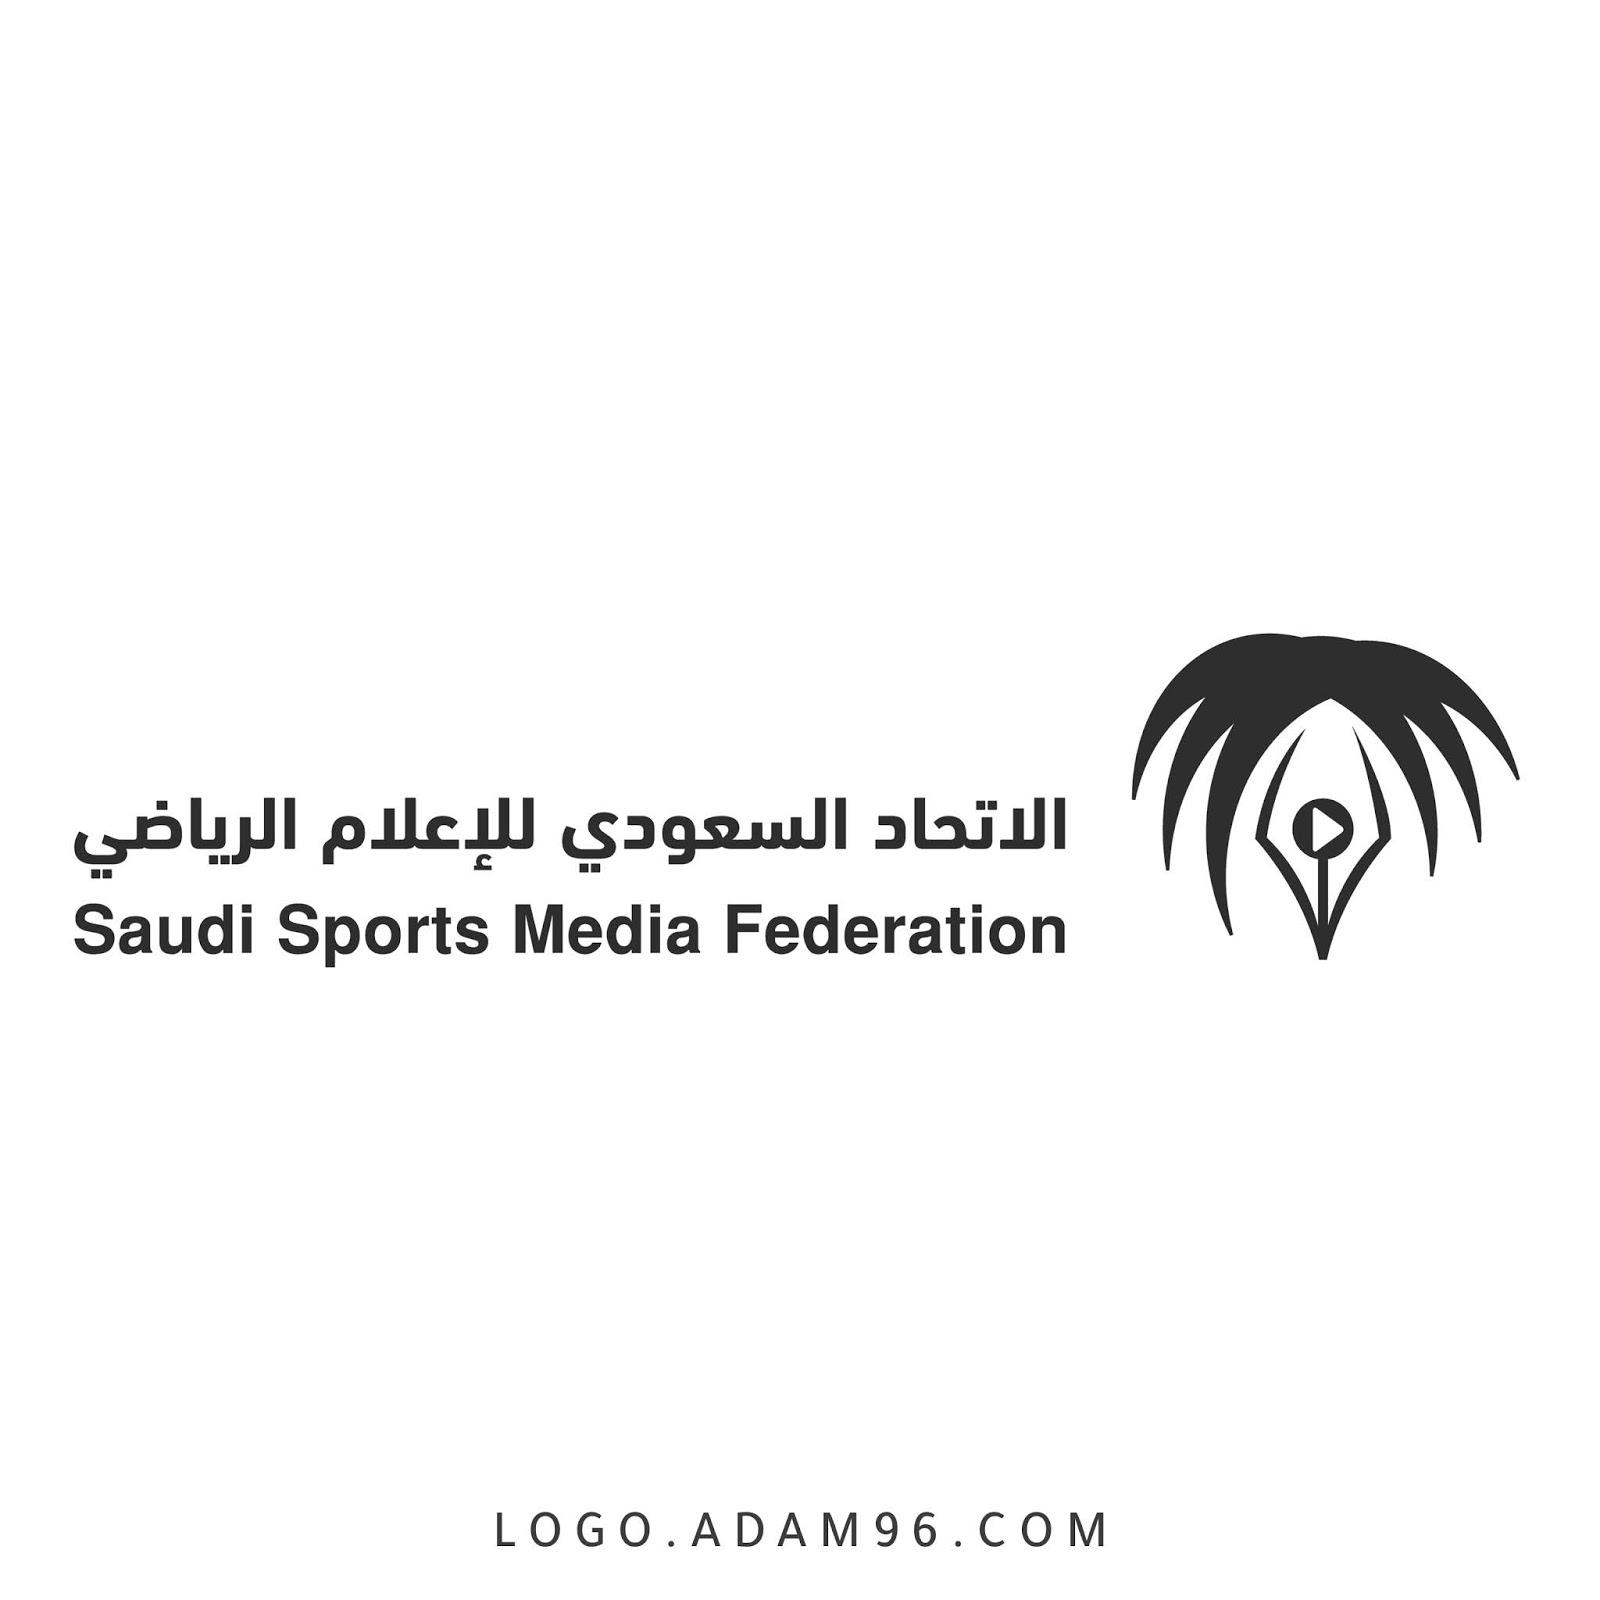 تحميل شعار الاتحاد السعودي للإعلام الرياضي